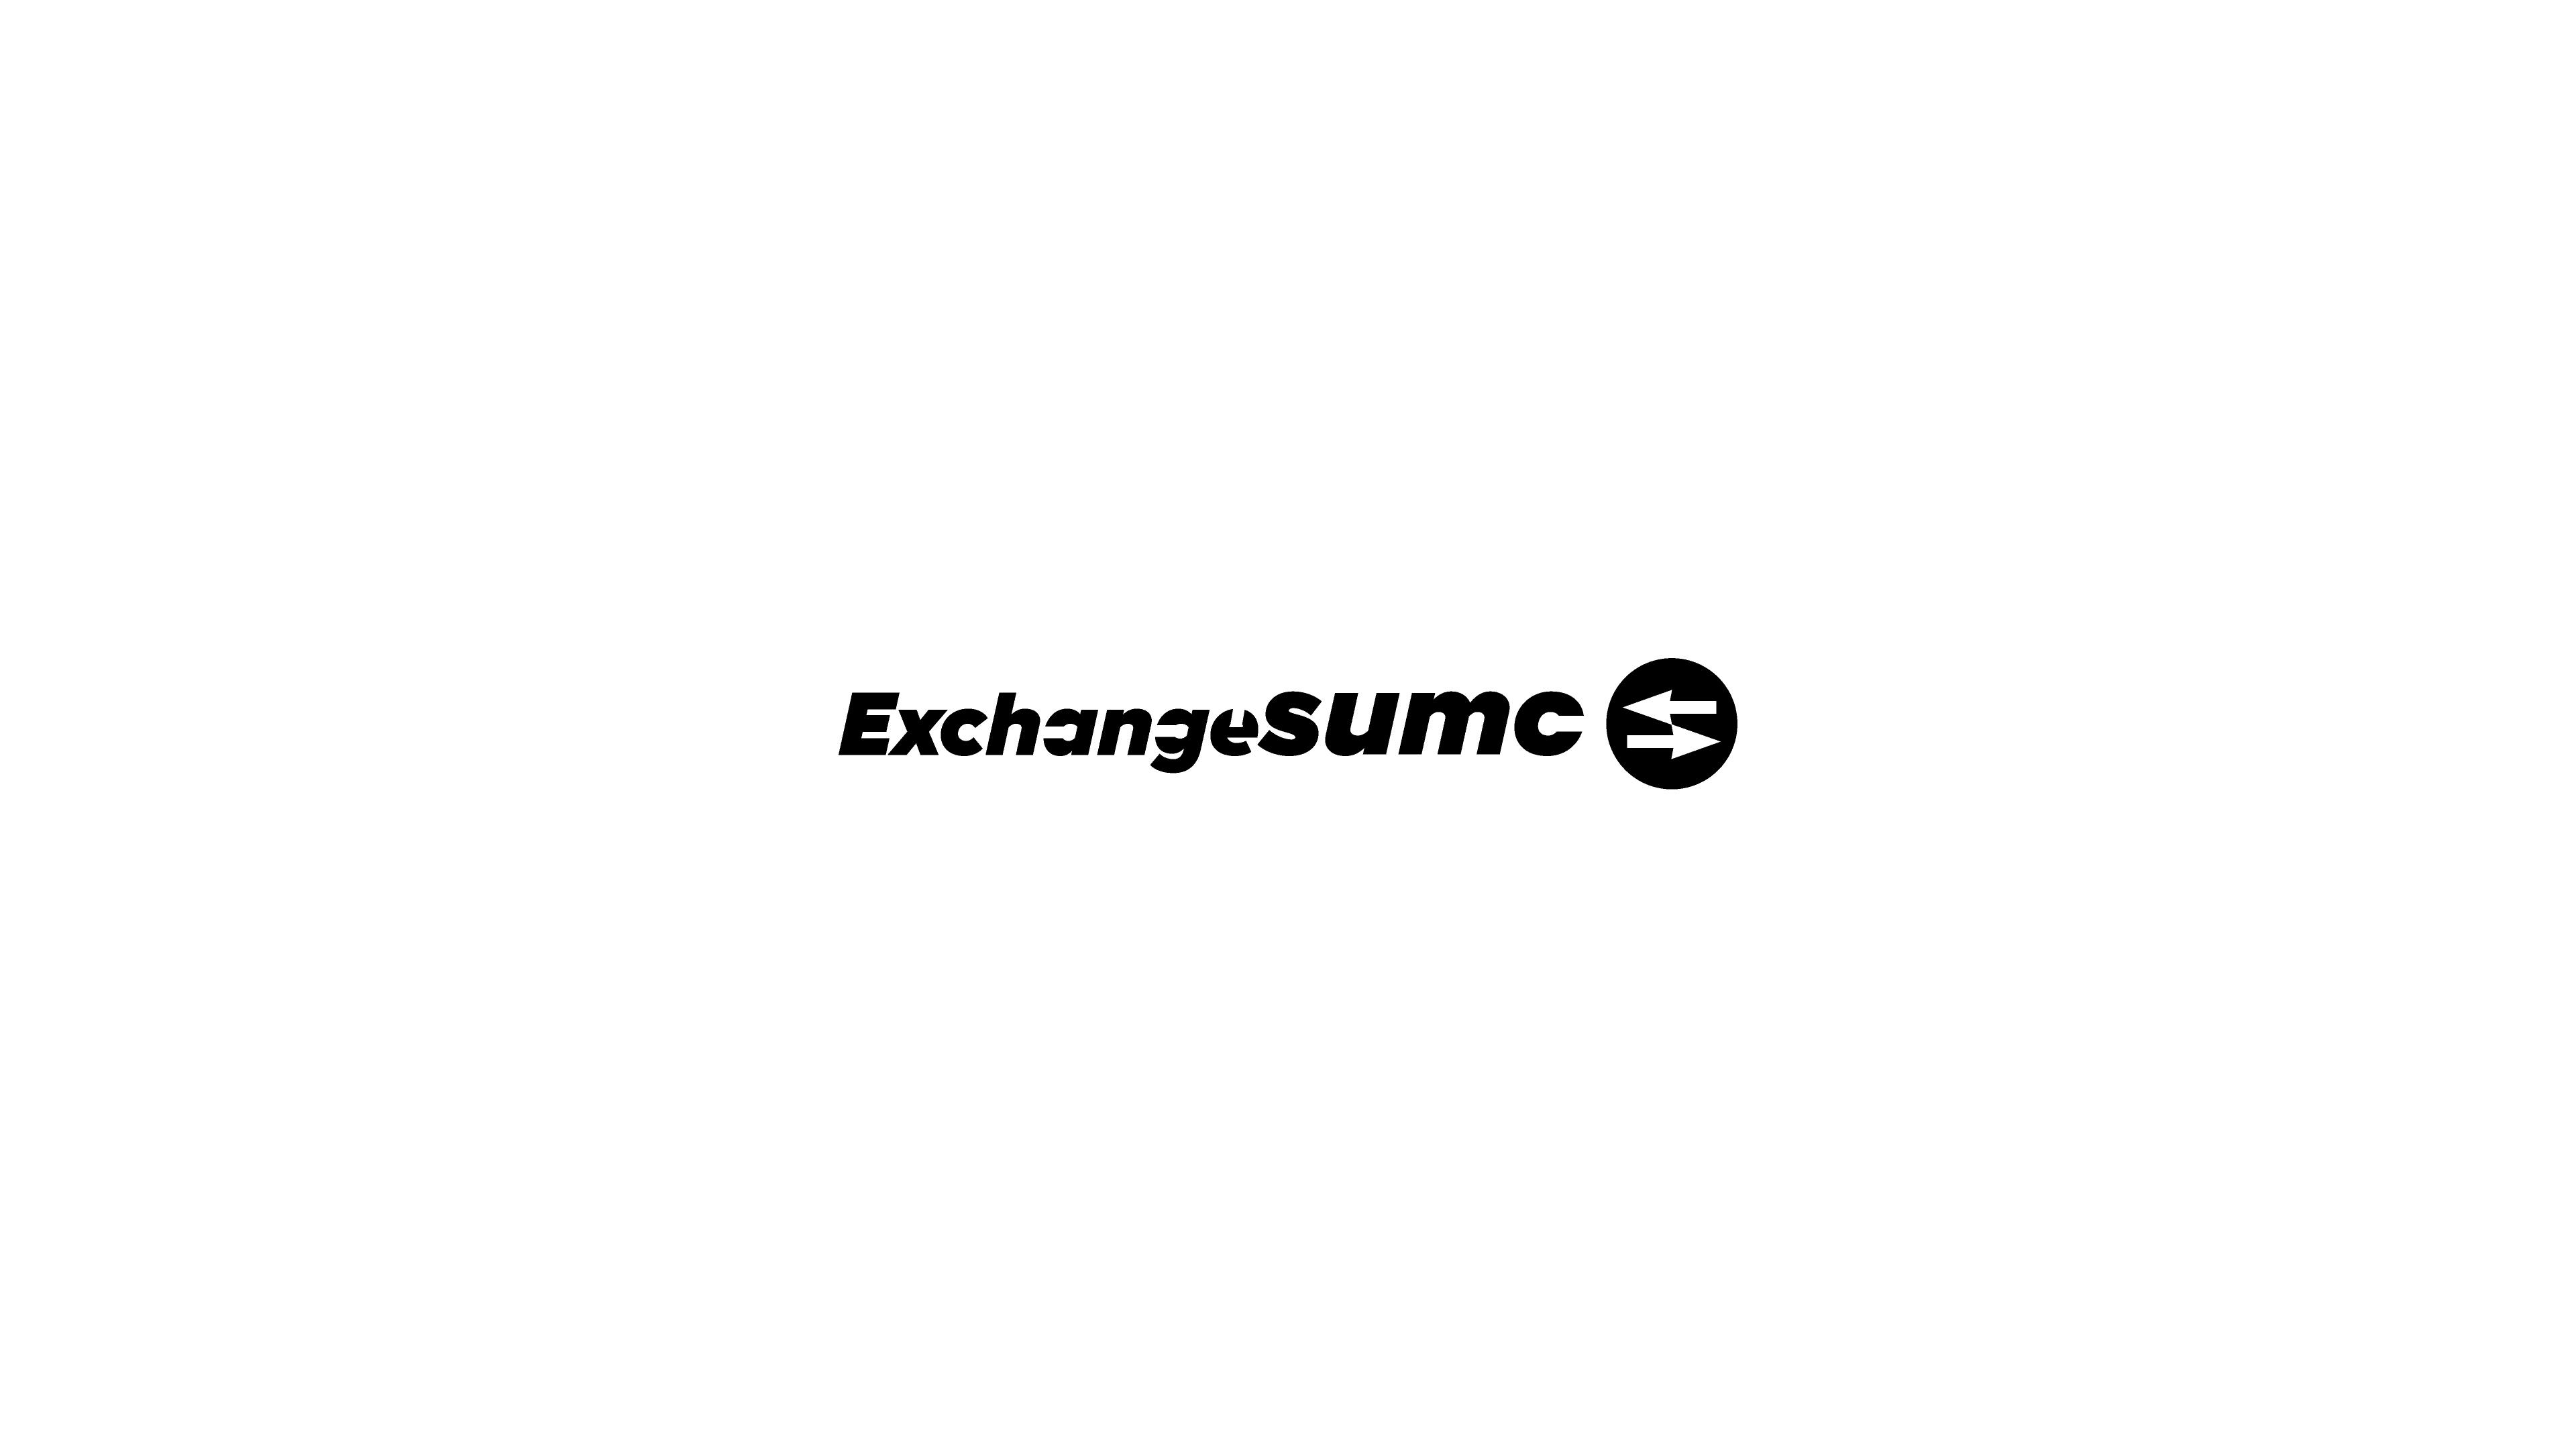 Логотип для мониторинга обменников фото f_9905bb2a22c7f18b.png